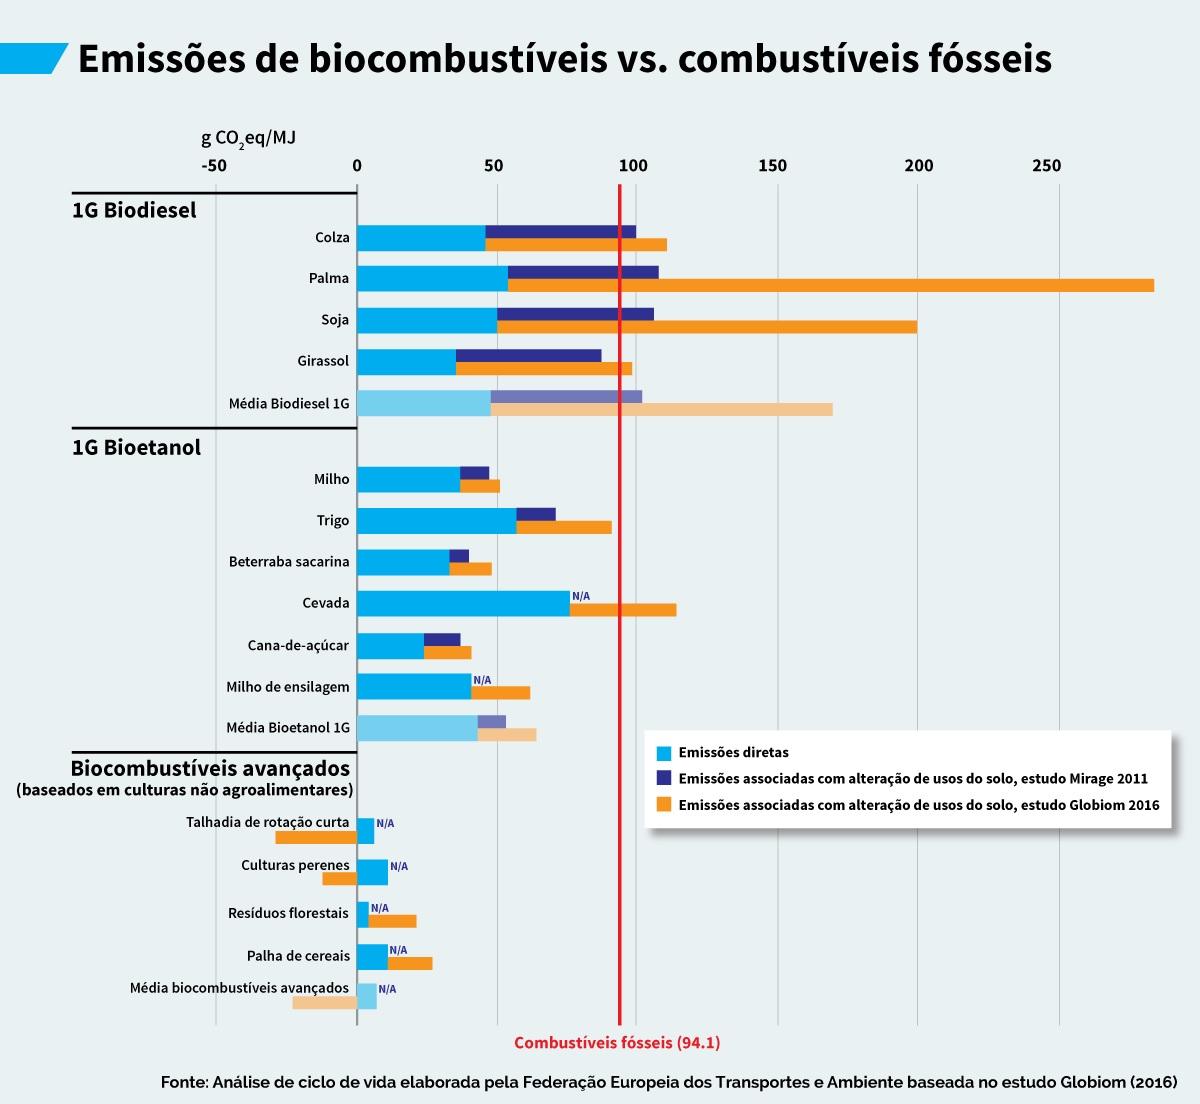 Emissões de biocombustíveis